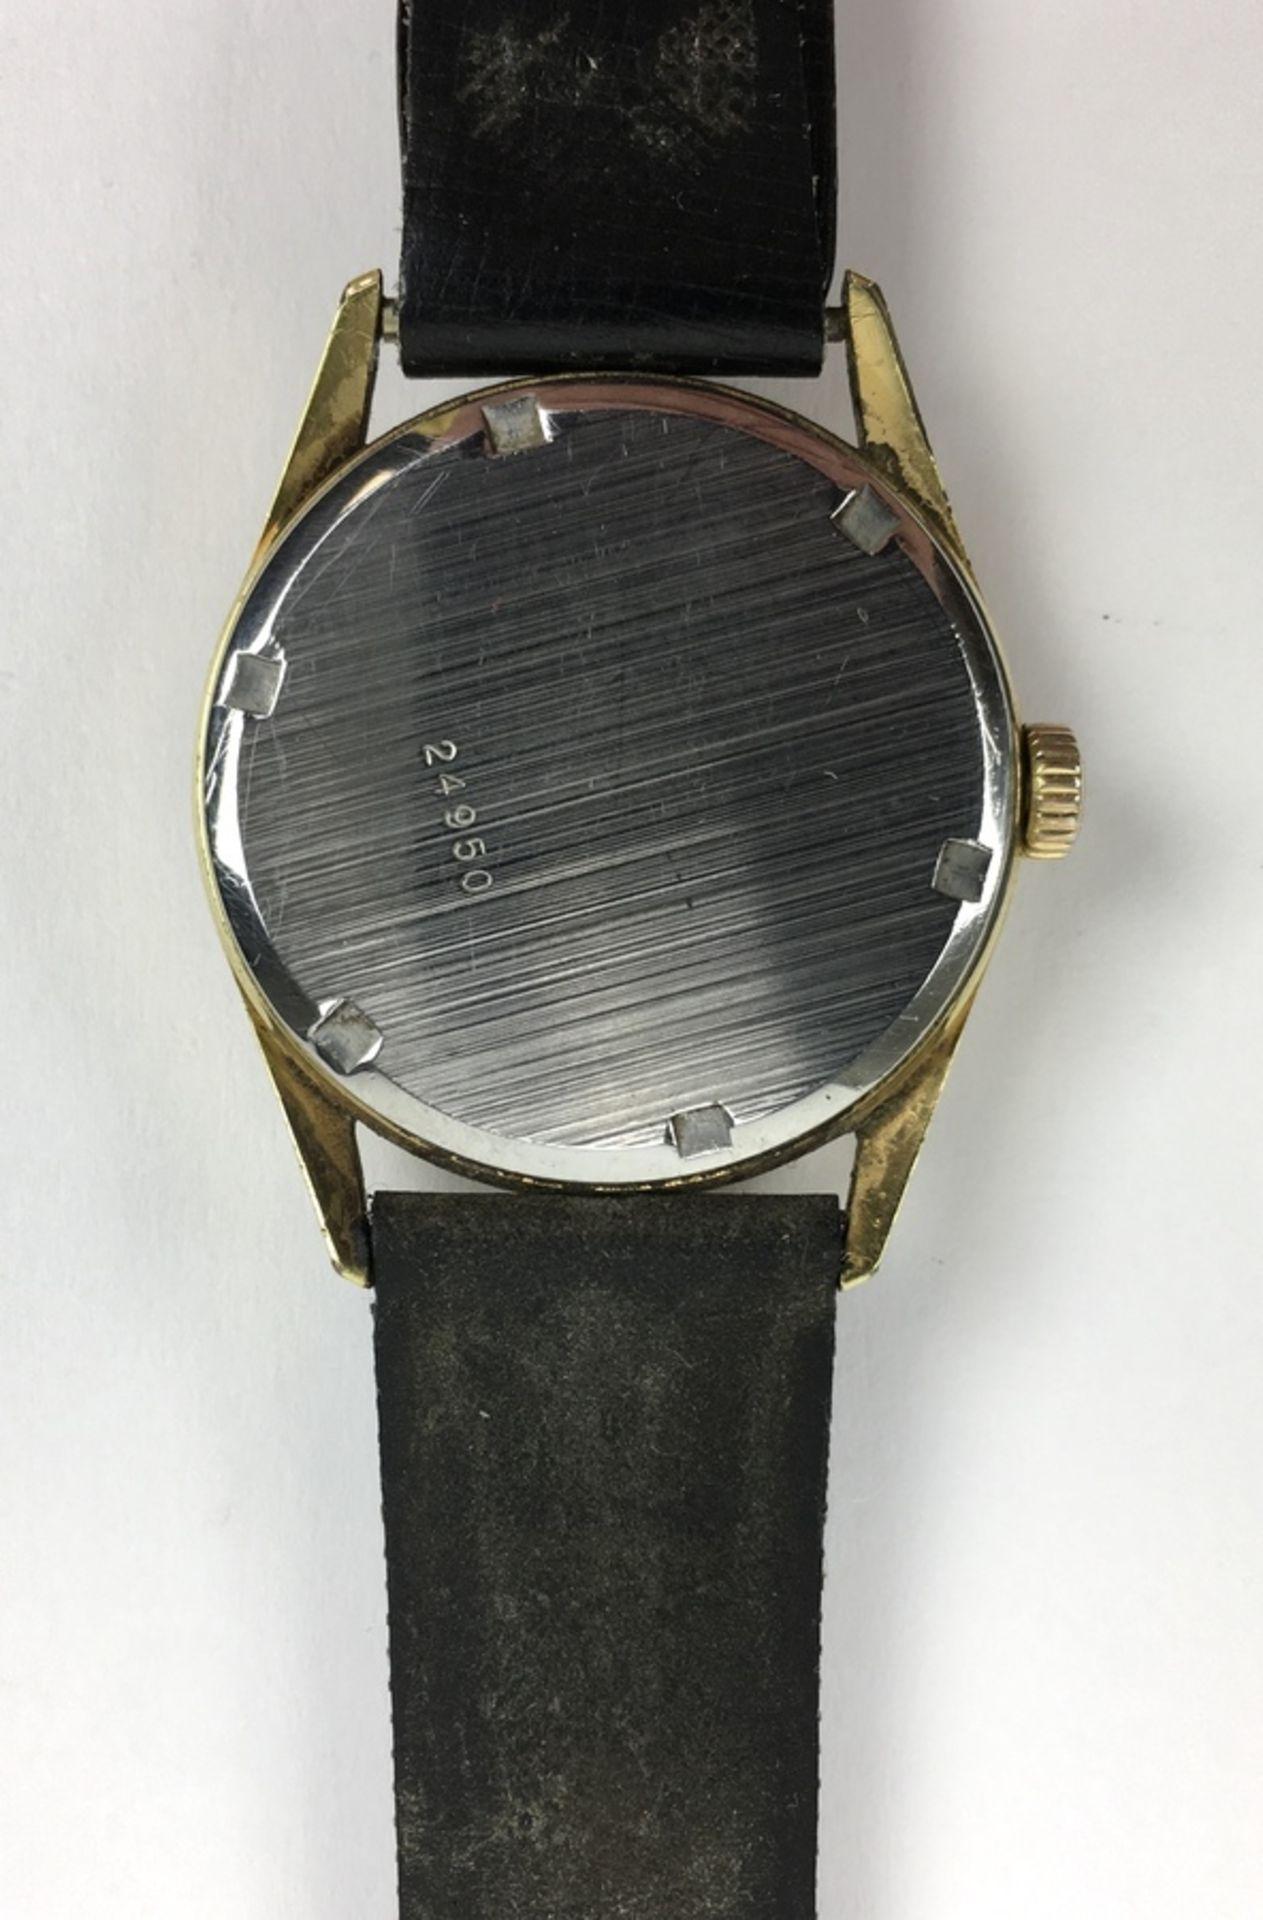 (Sieraden) Horloge PontiacVintage heren horloge Pontiac Simpatico. Conditie: In werkende staat. - Image 3 of 3